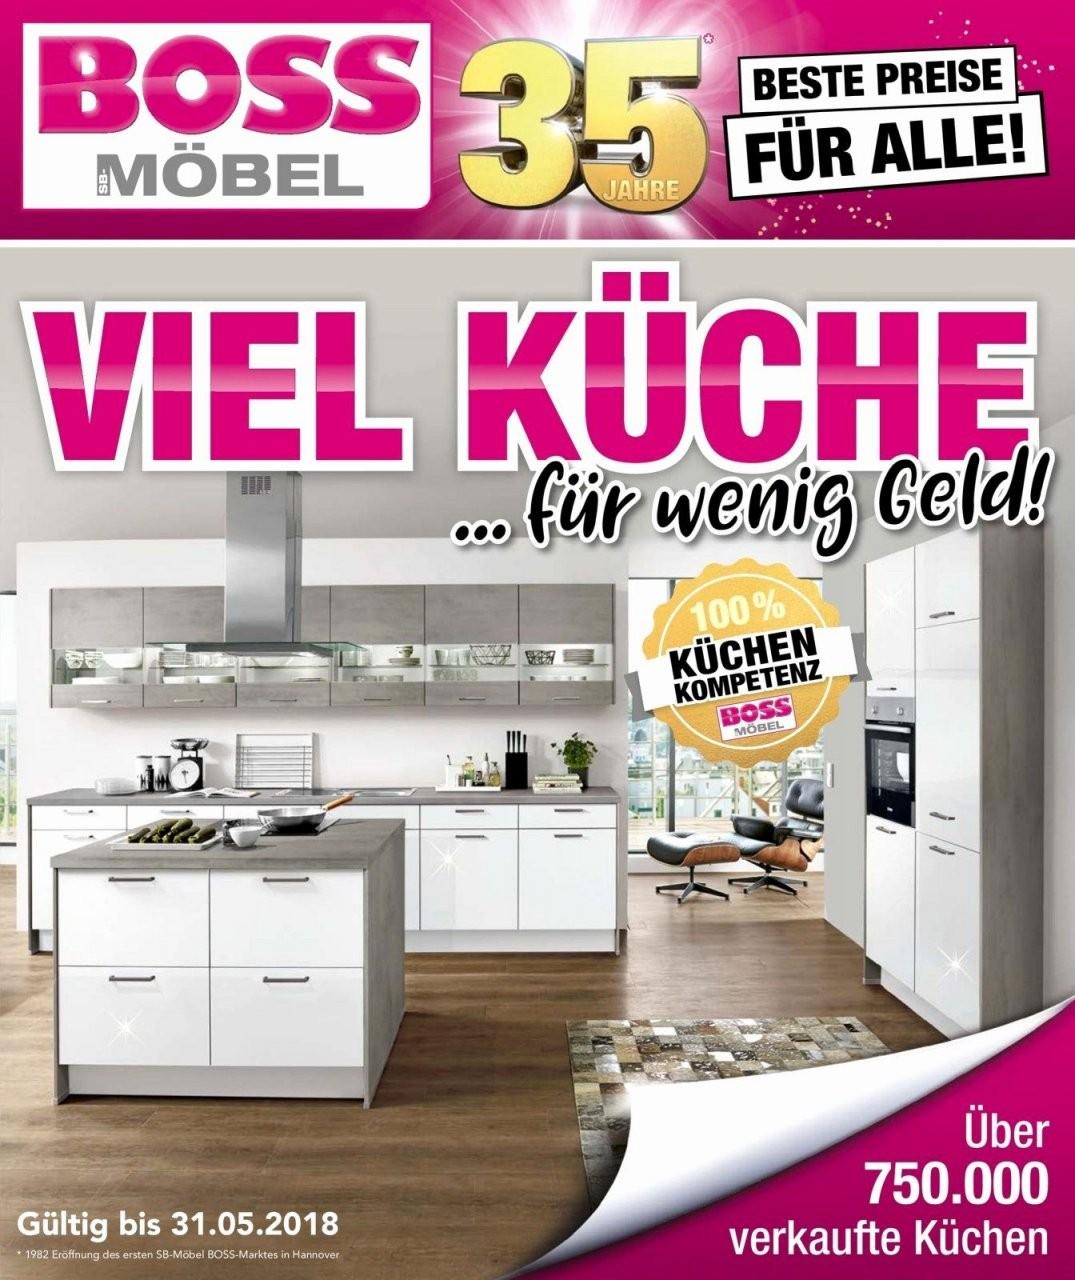 13 Sb Möbel Binzen Elegant  Lqaff von Sb Möbel Boss Lippstadt Photo